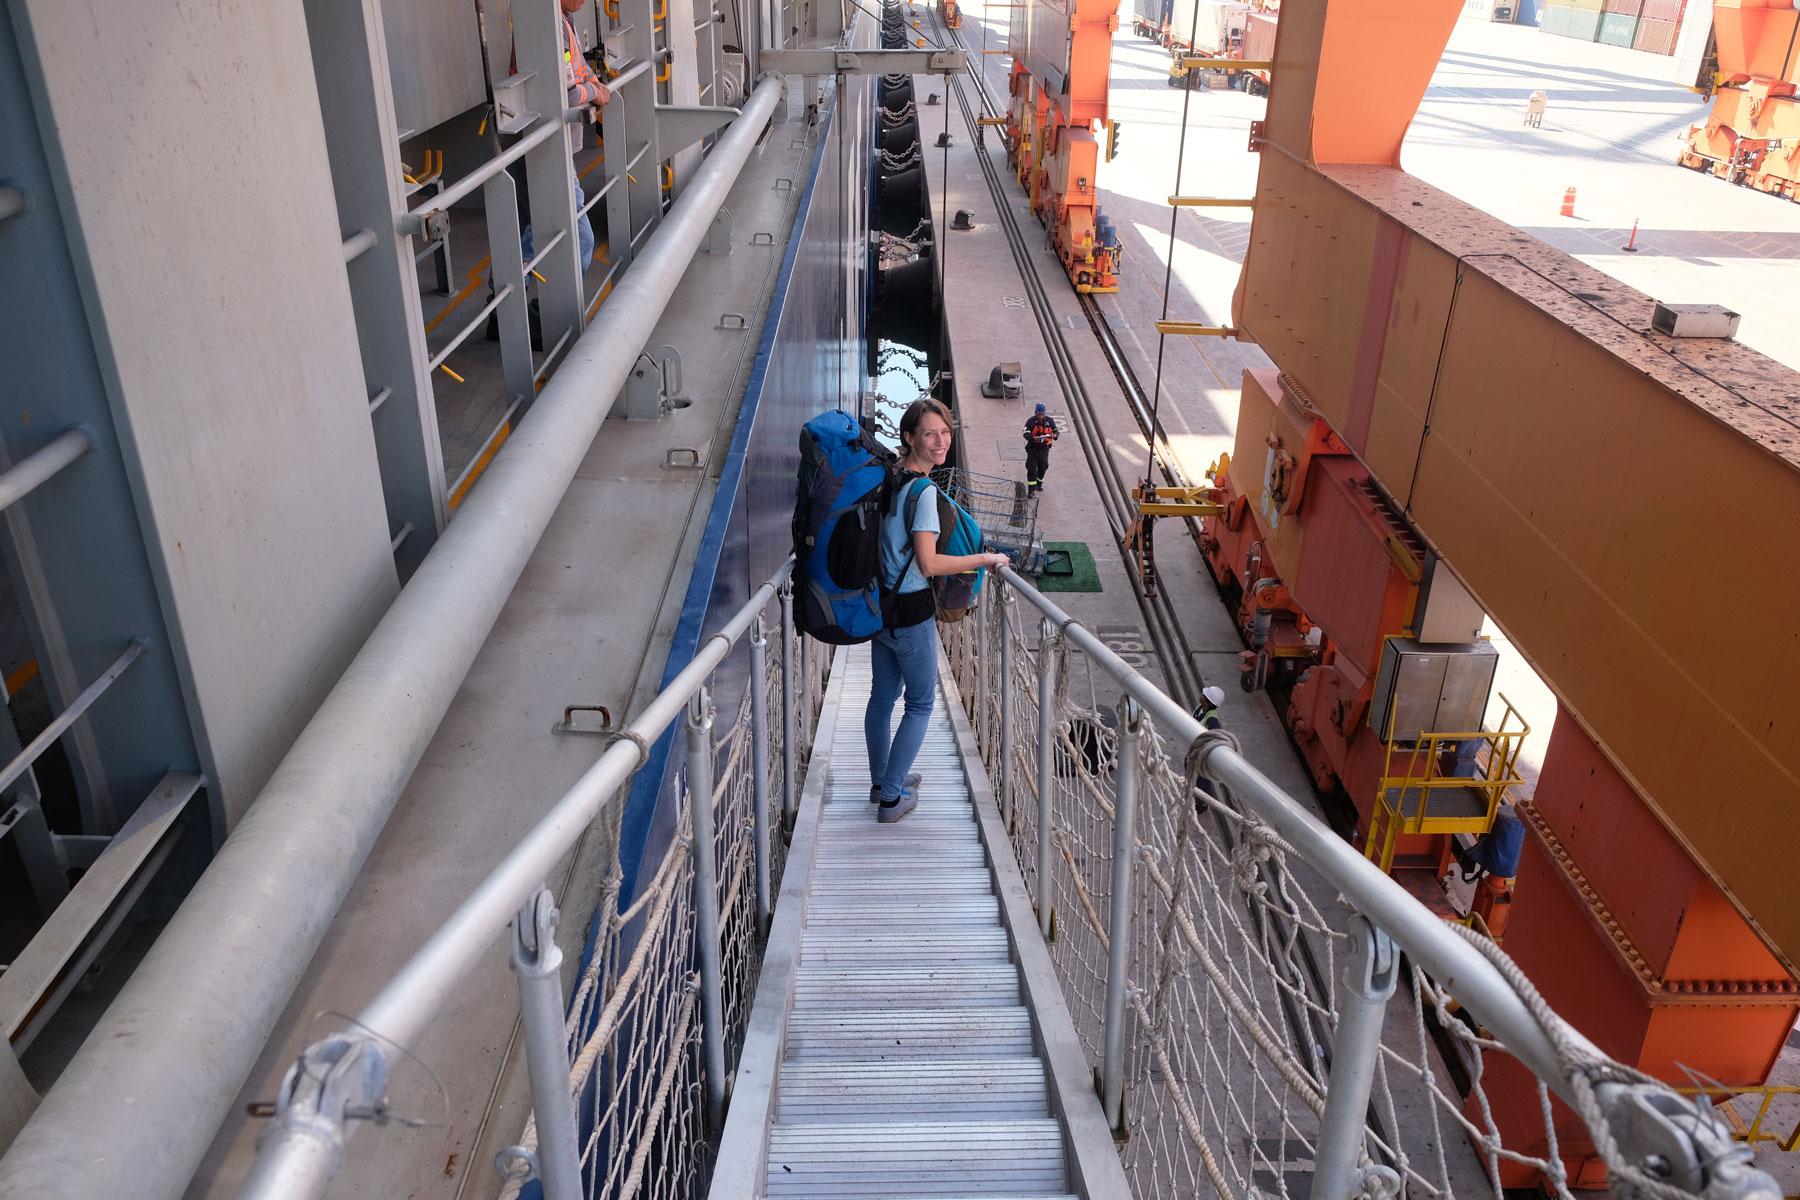 Leo läuft im Hafen Manzanillo, Mexiko, die Gangway hinunter.